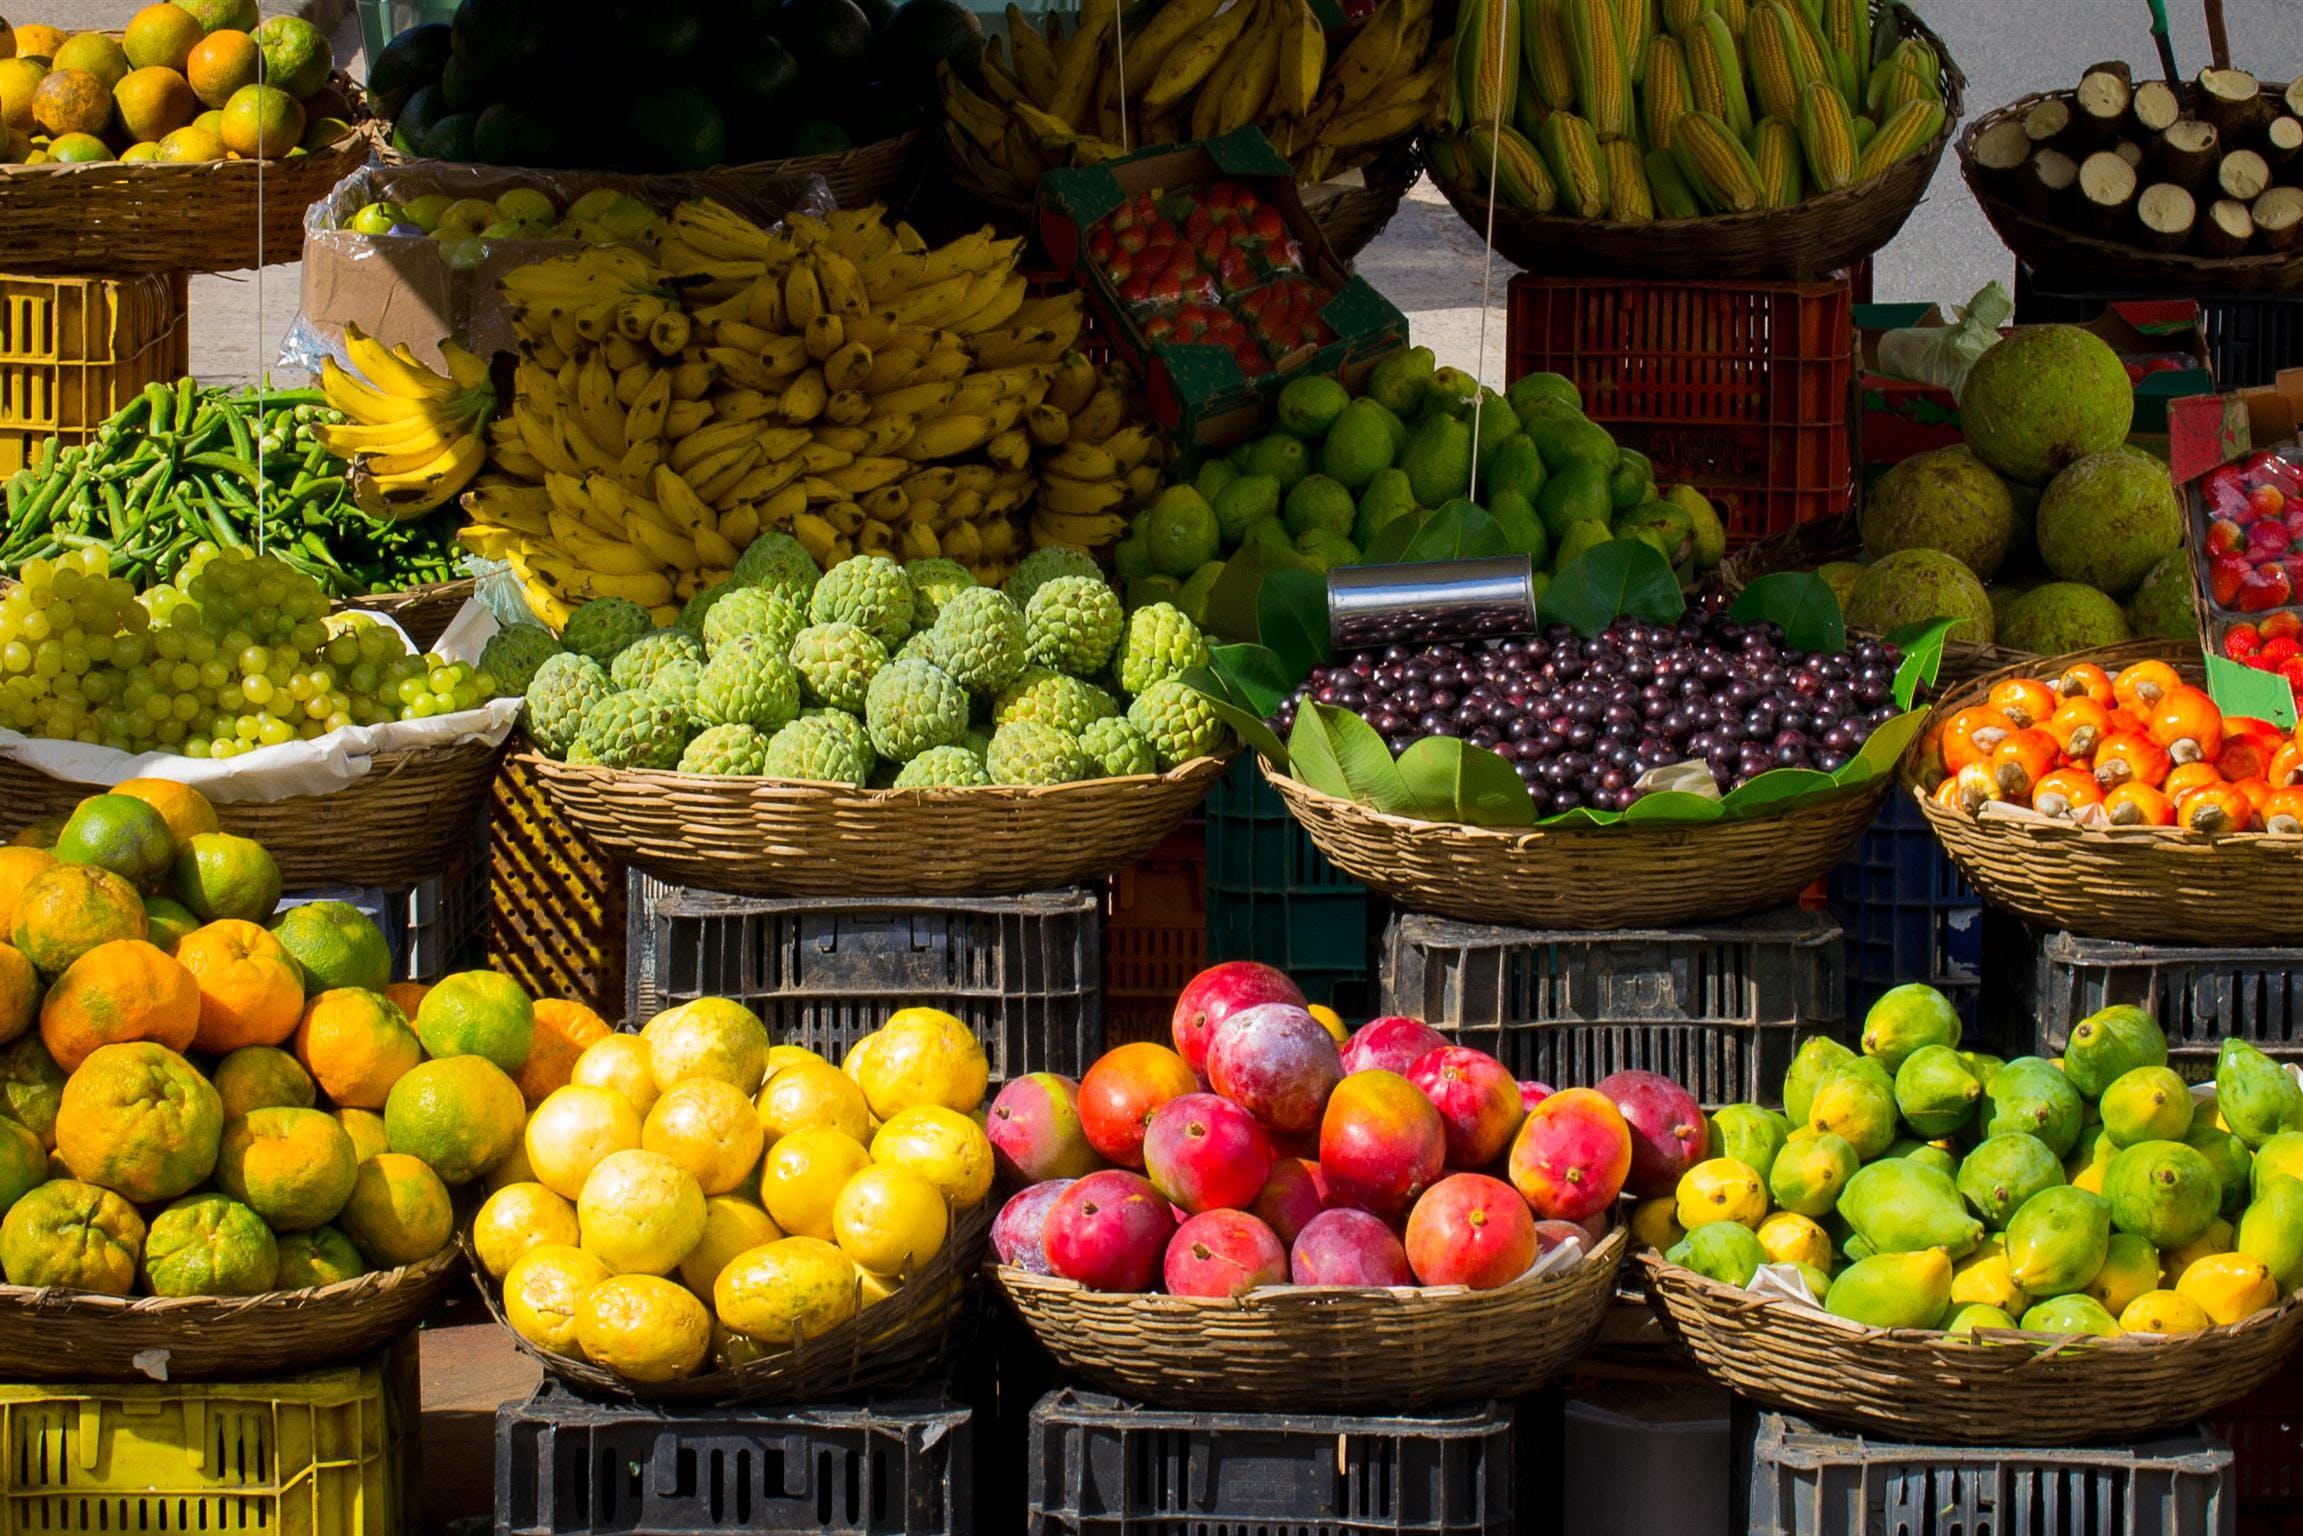 Mitos y verdades sobre el consumo de fruta